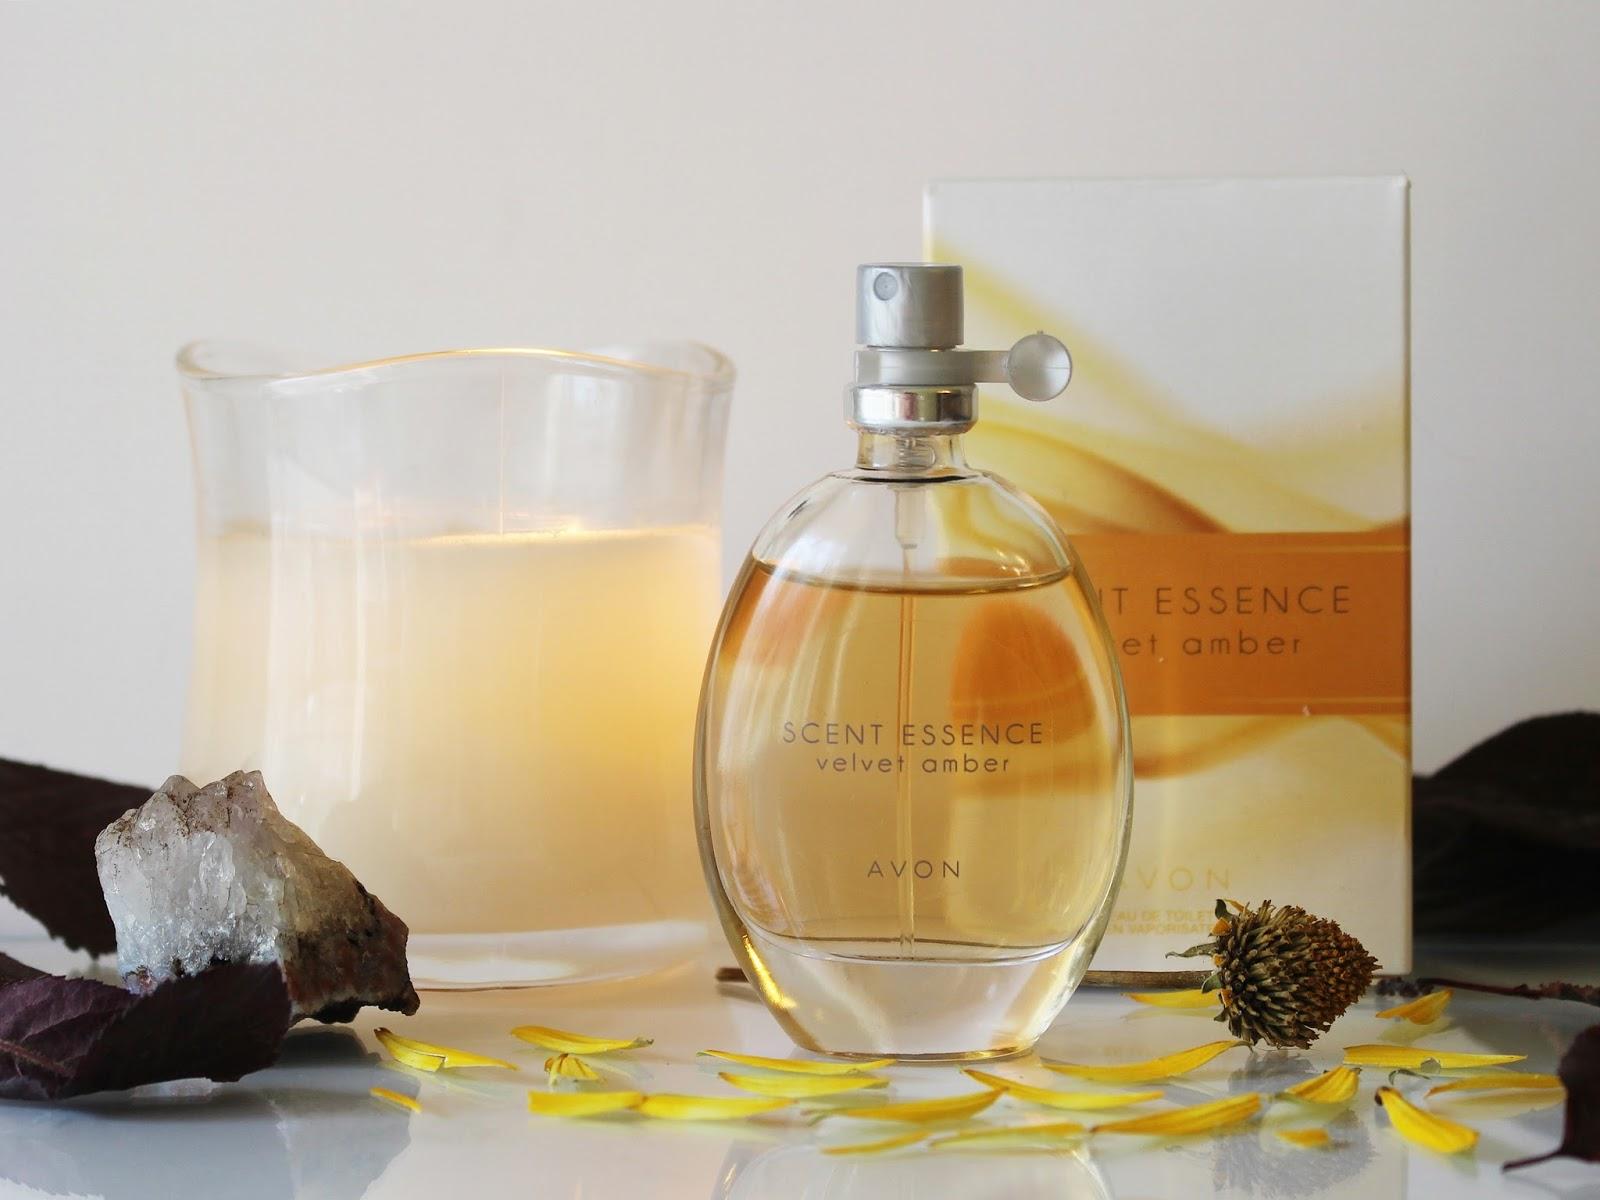 Avon Scent Essence Velvet Amber